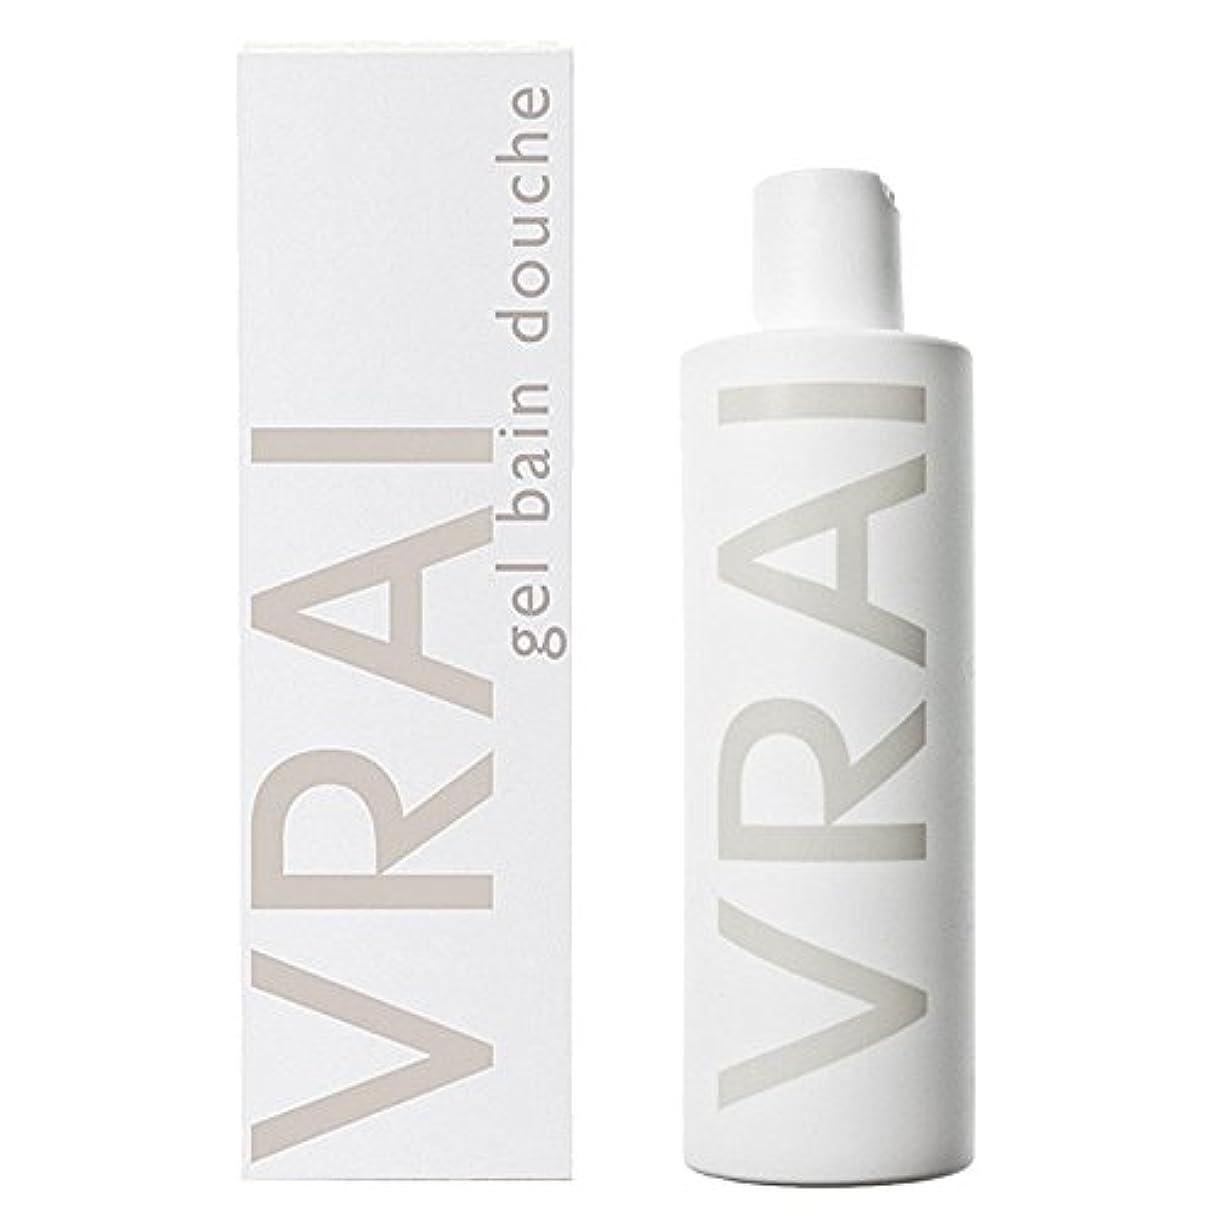 状非効率的な買い手Fragonard VRAI (フラゴナール ブライ) 8.3 oz (250ml) Bath & Shower Gel